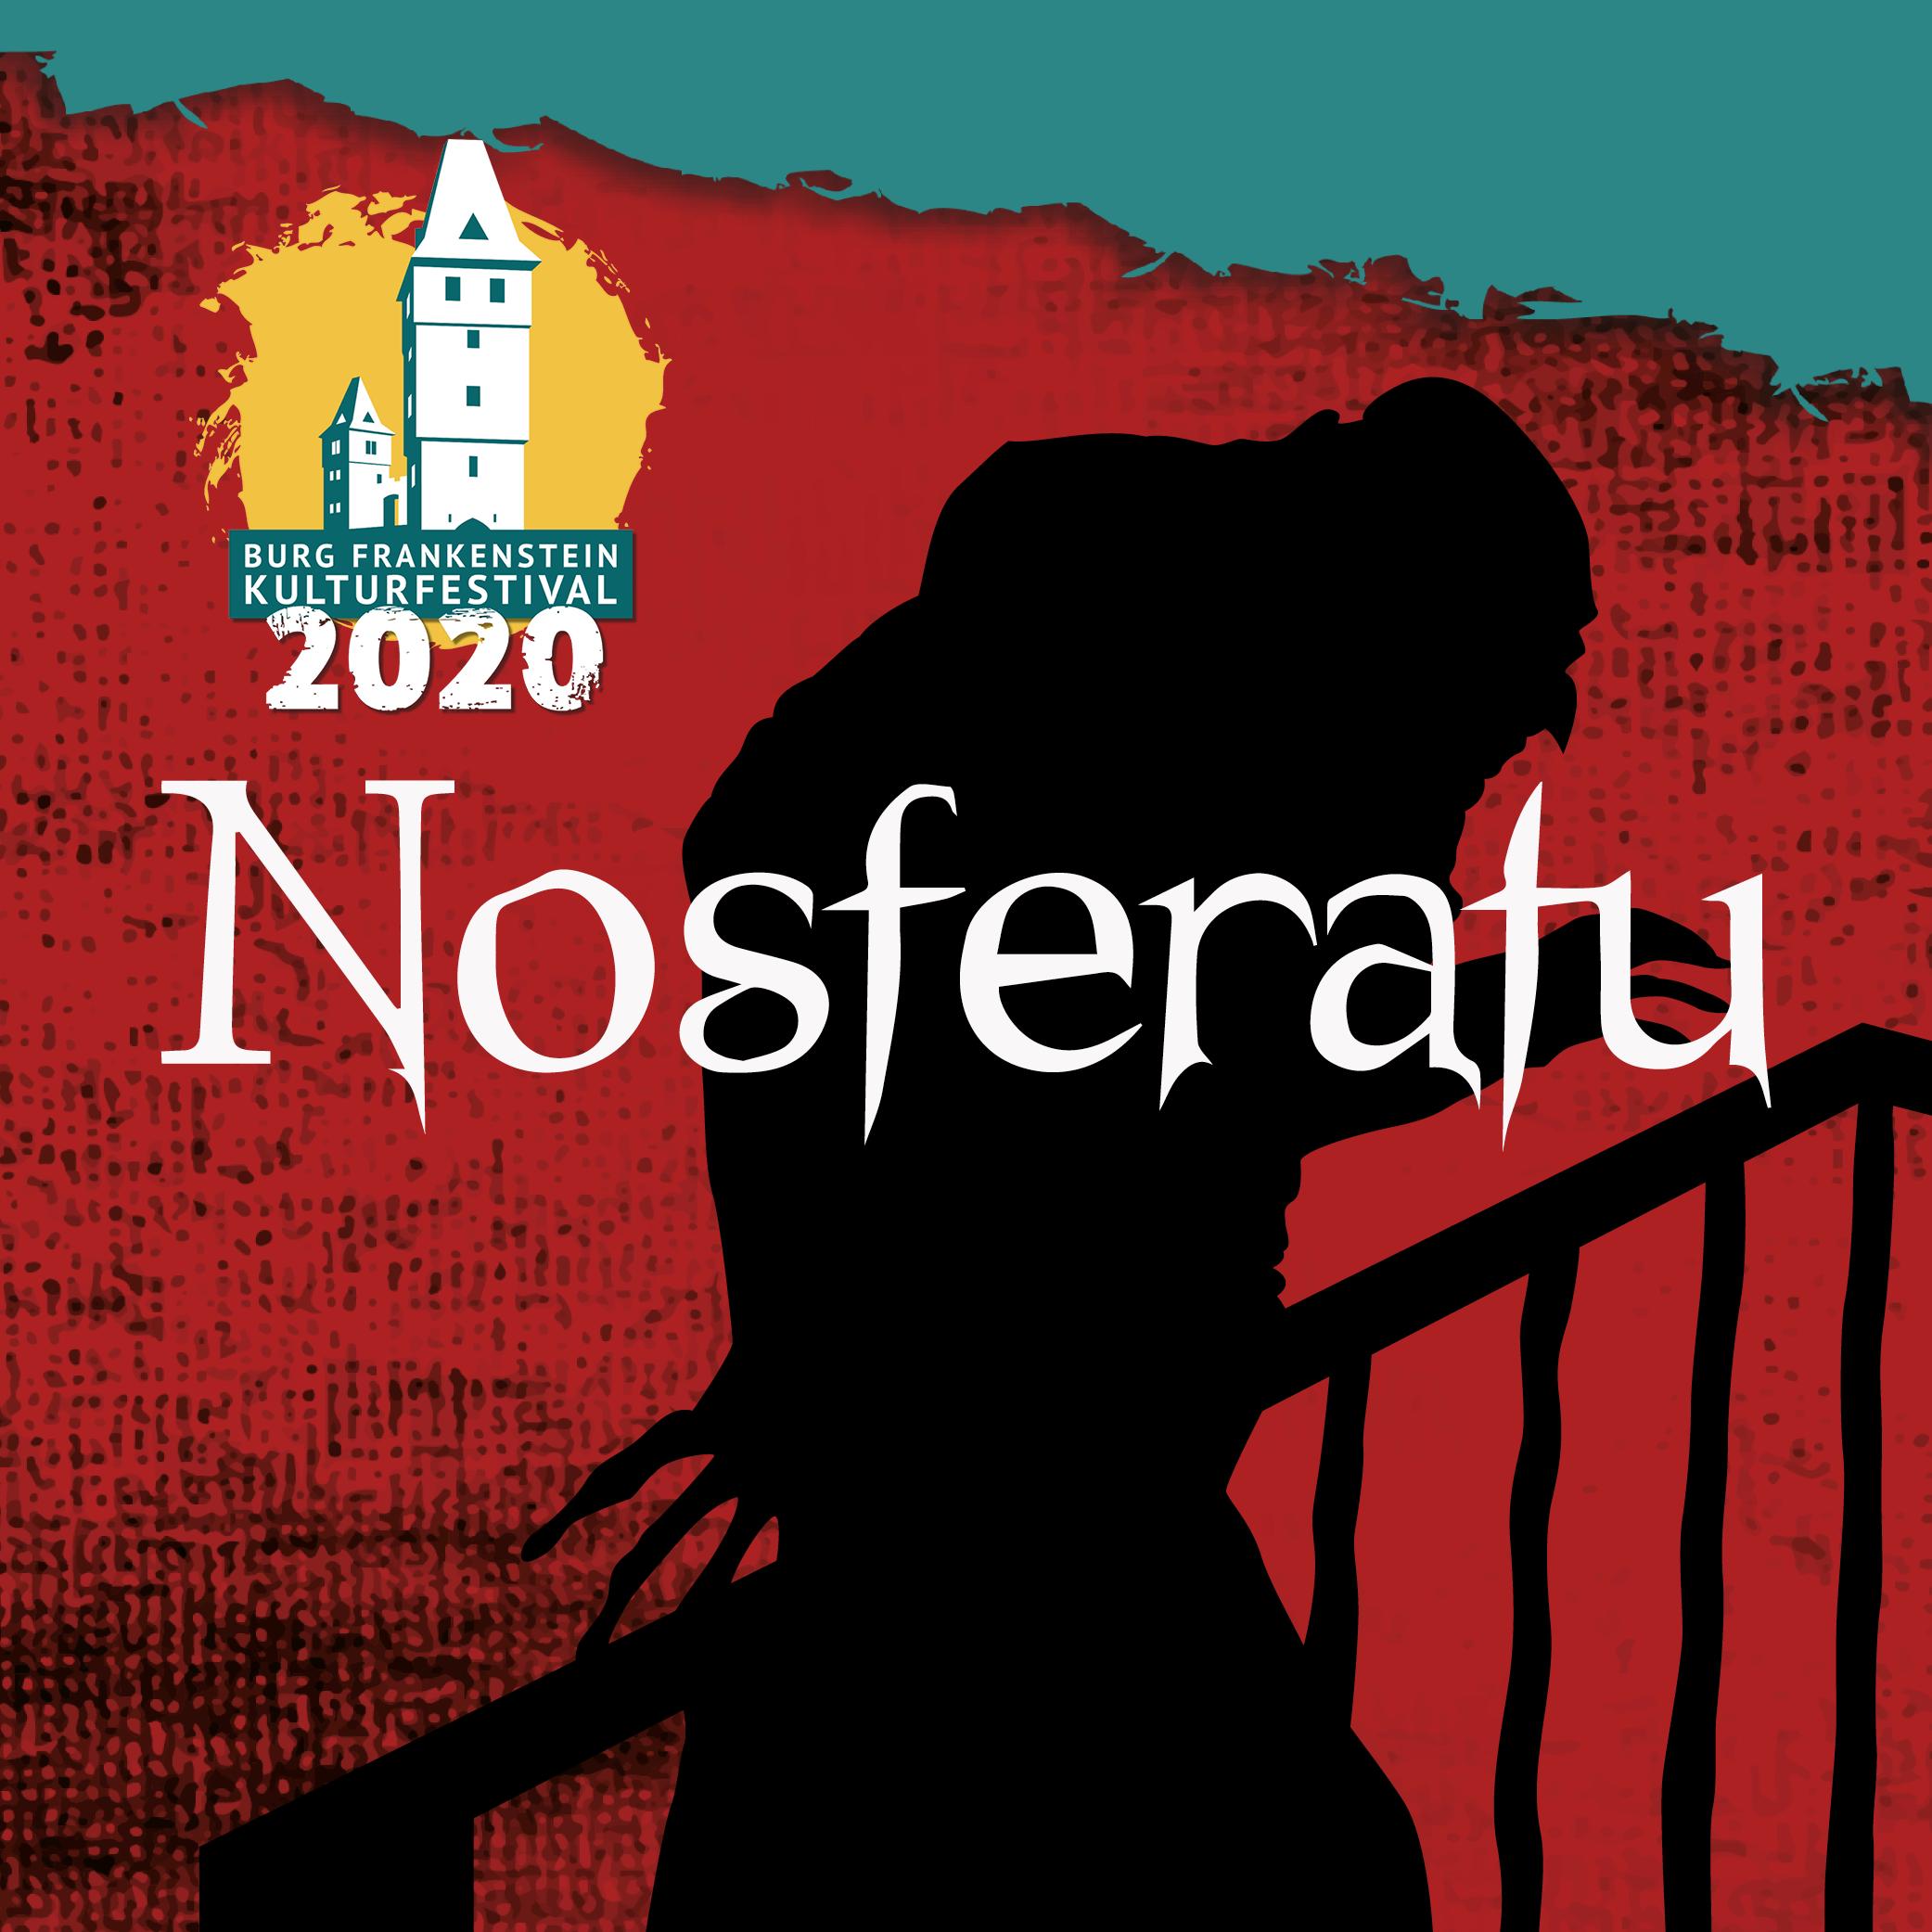 Frankenstein Kulturfestival 13.08.2020